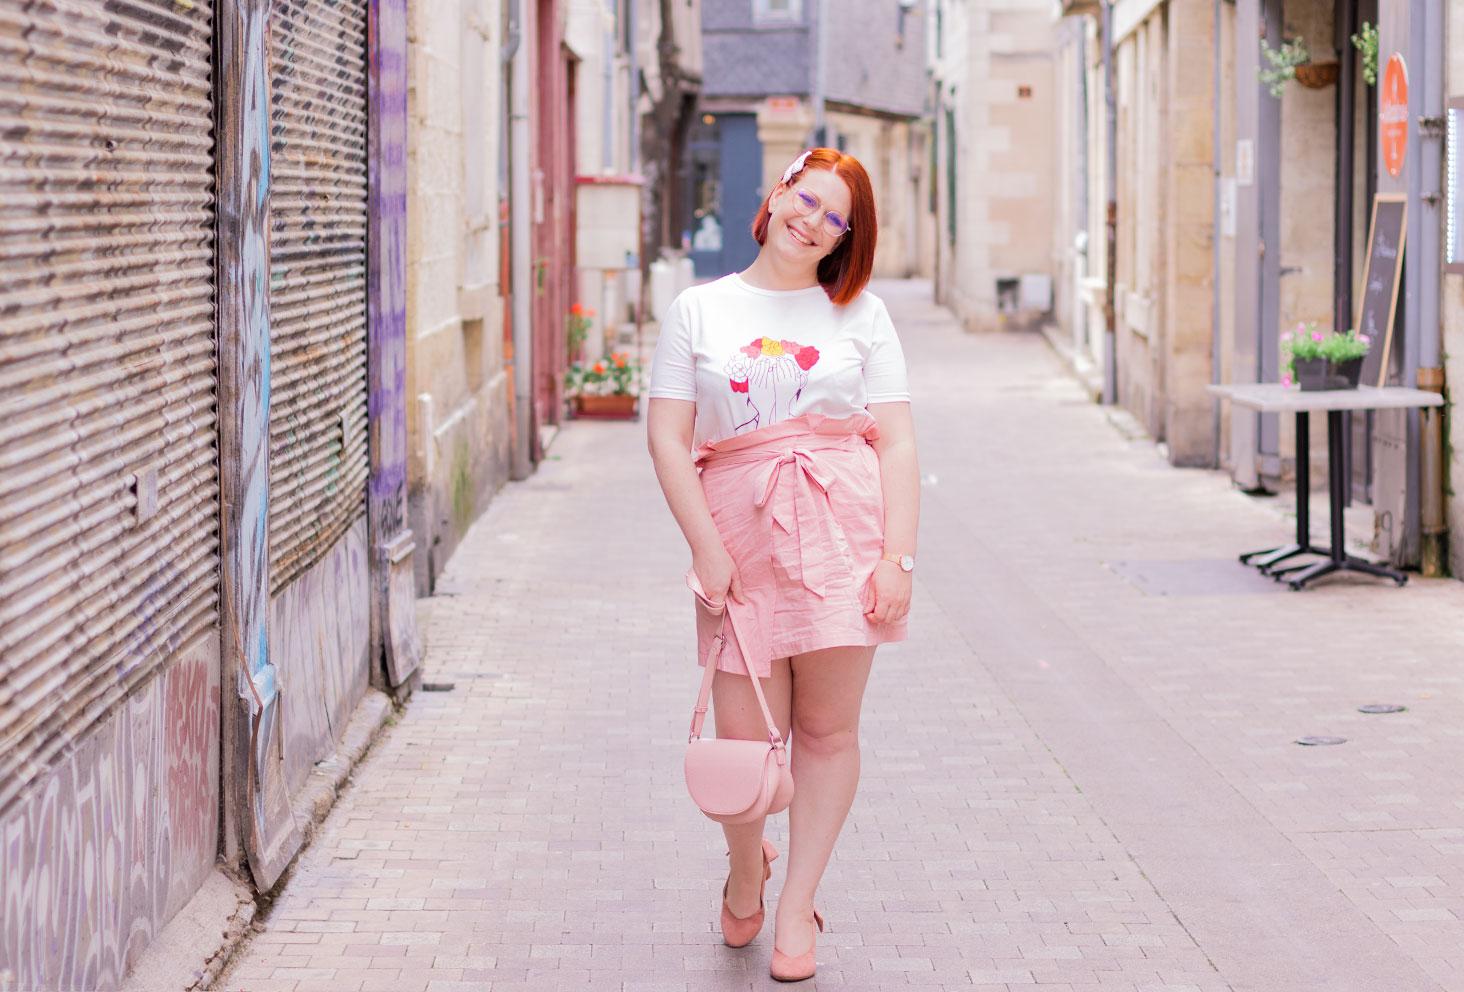 Dans la rue en train de marcher avec le sourire, en look entièrement rose, le sac en bandoulière tenu à la main